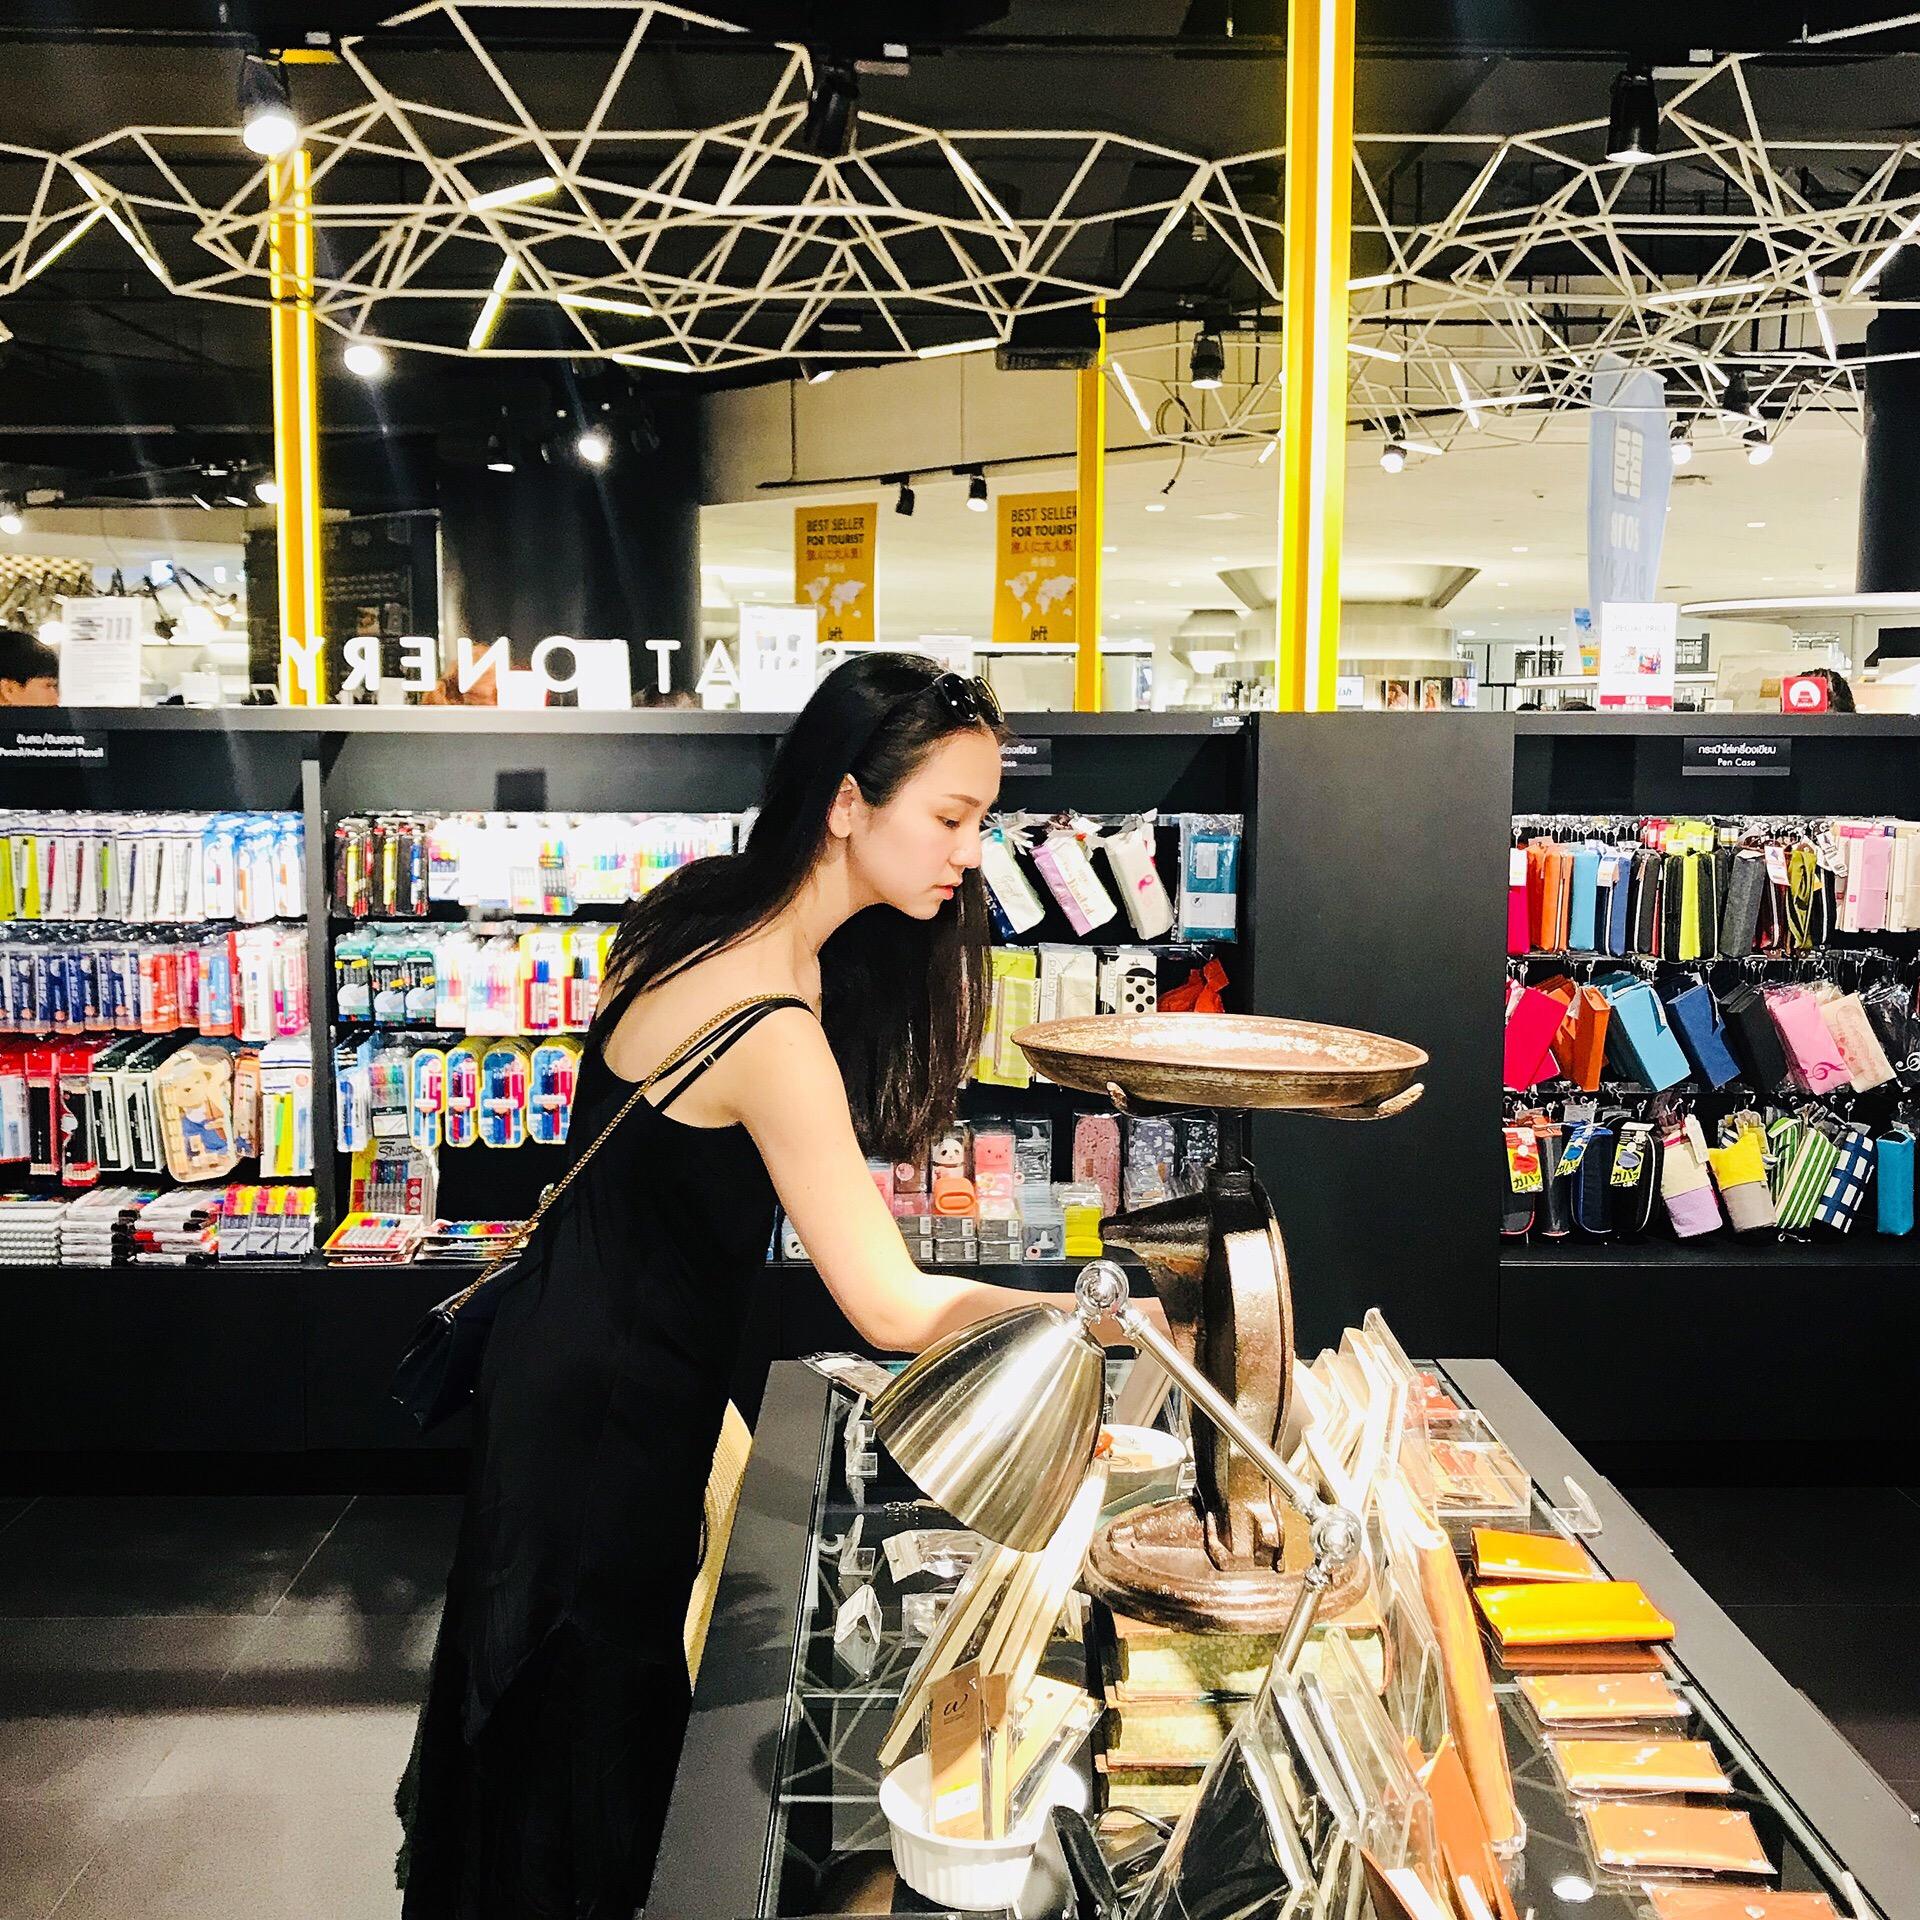 pen center shoe stores